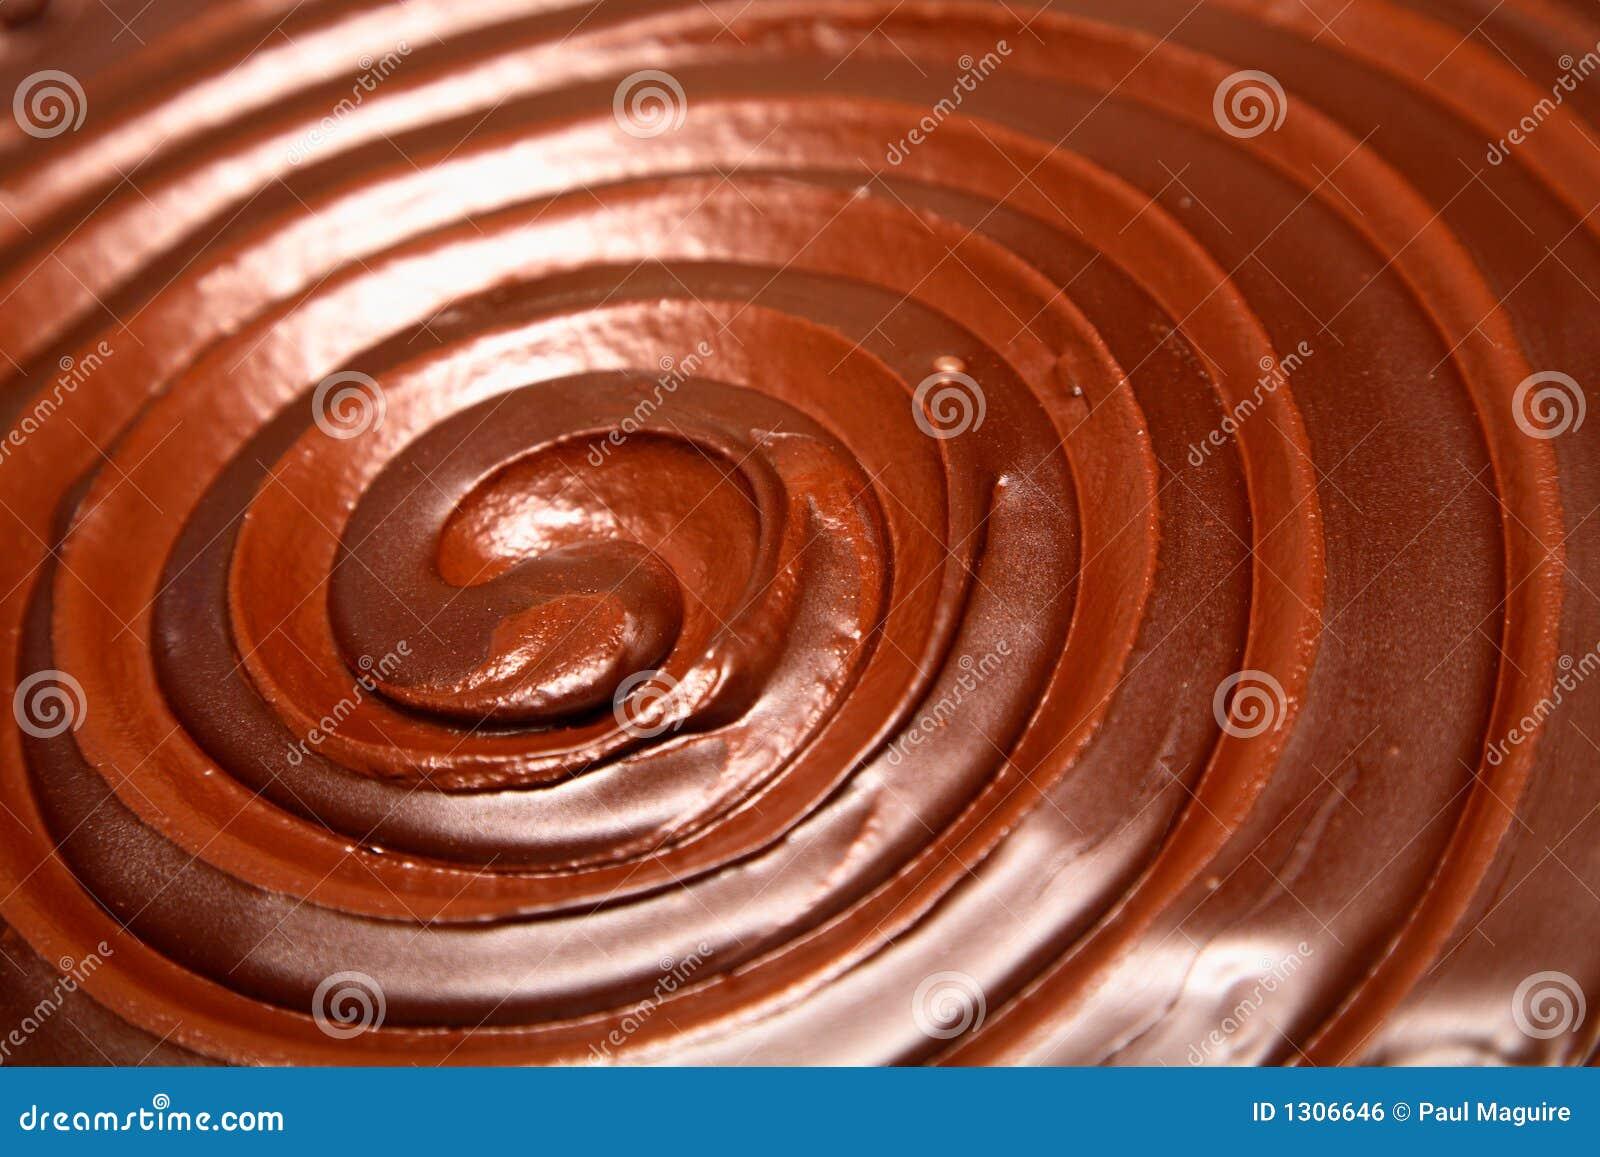 στρόβιλος σοκολάτας